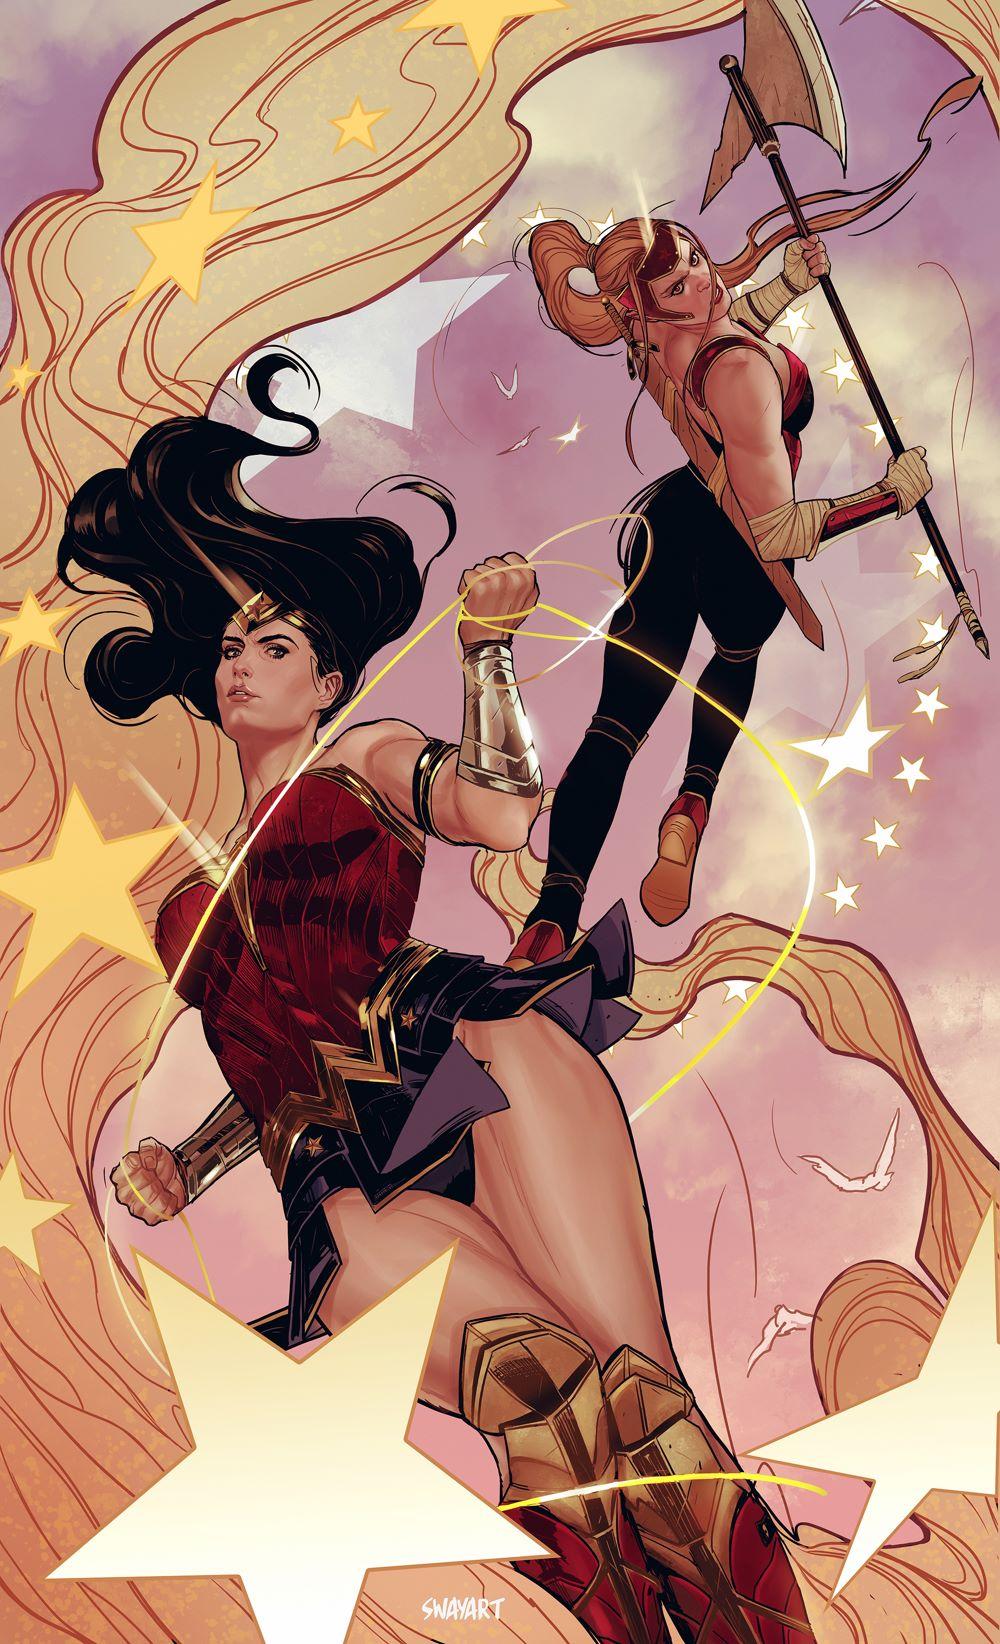 Sensational_WW_02_variant-swayart DC Comics April 2021 Solicitations